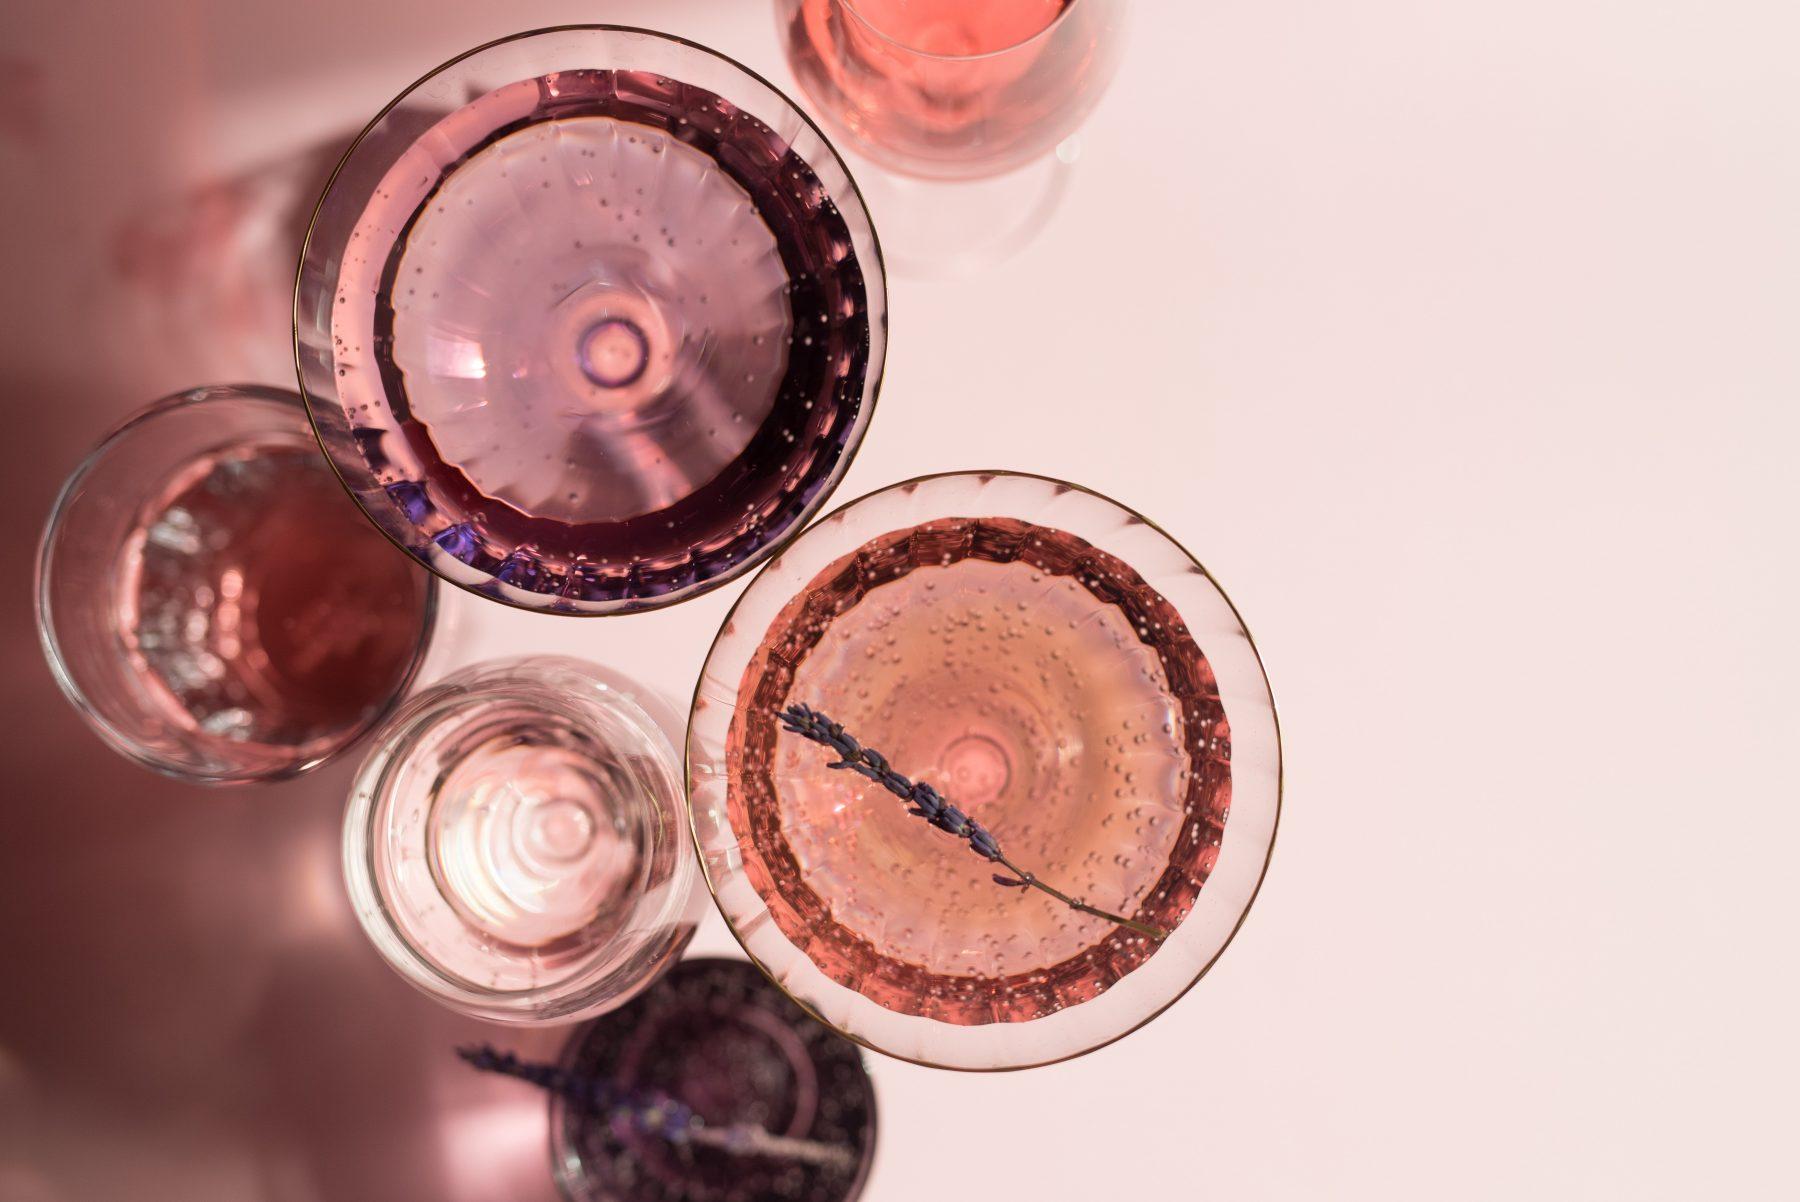 Bild von mehreren Gläsern Alkohol.